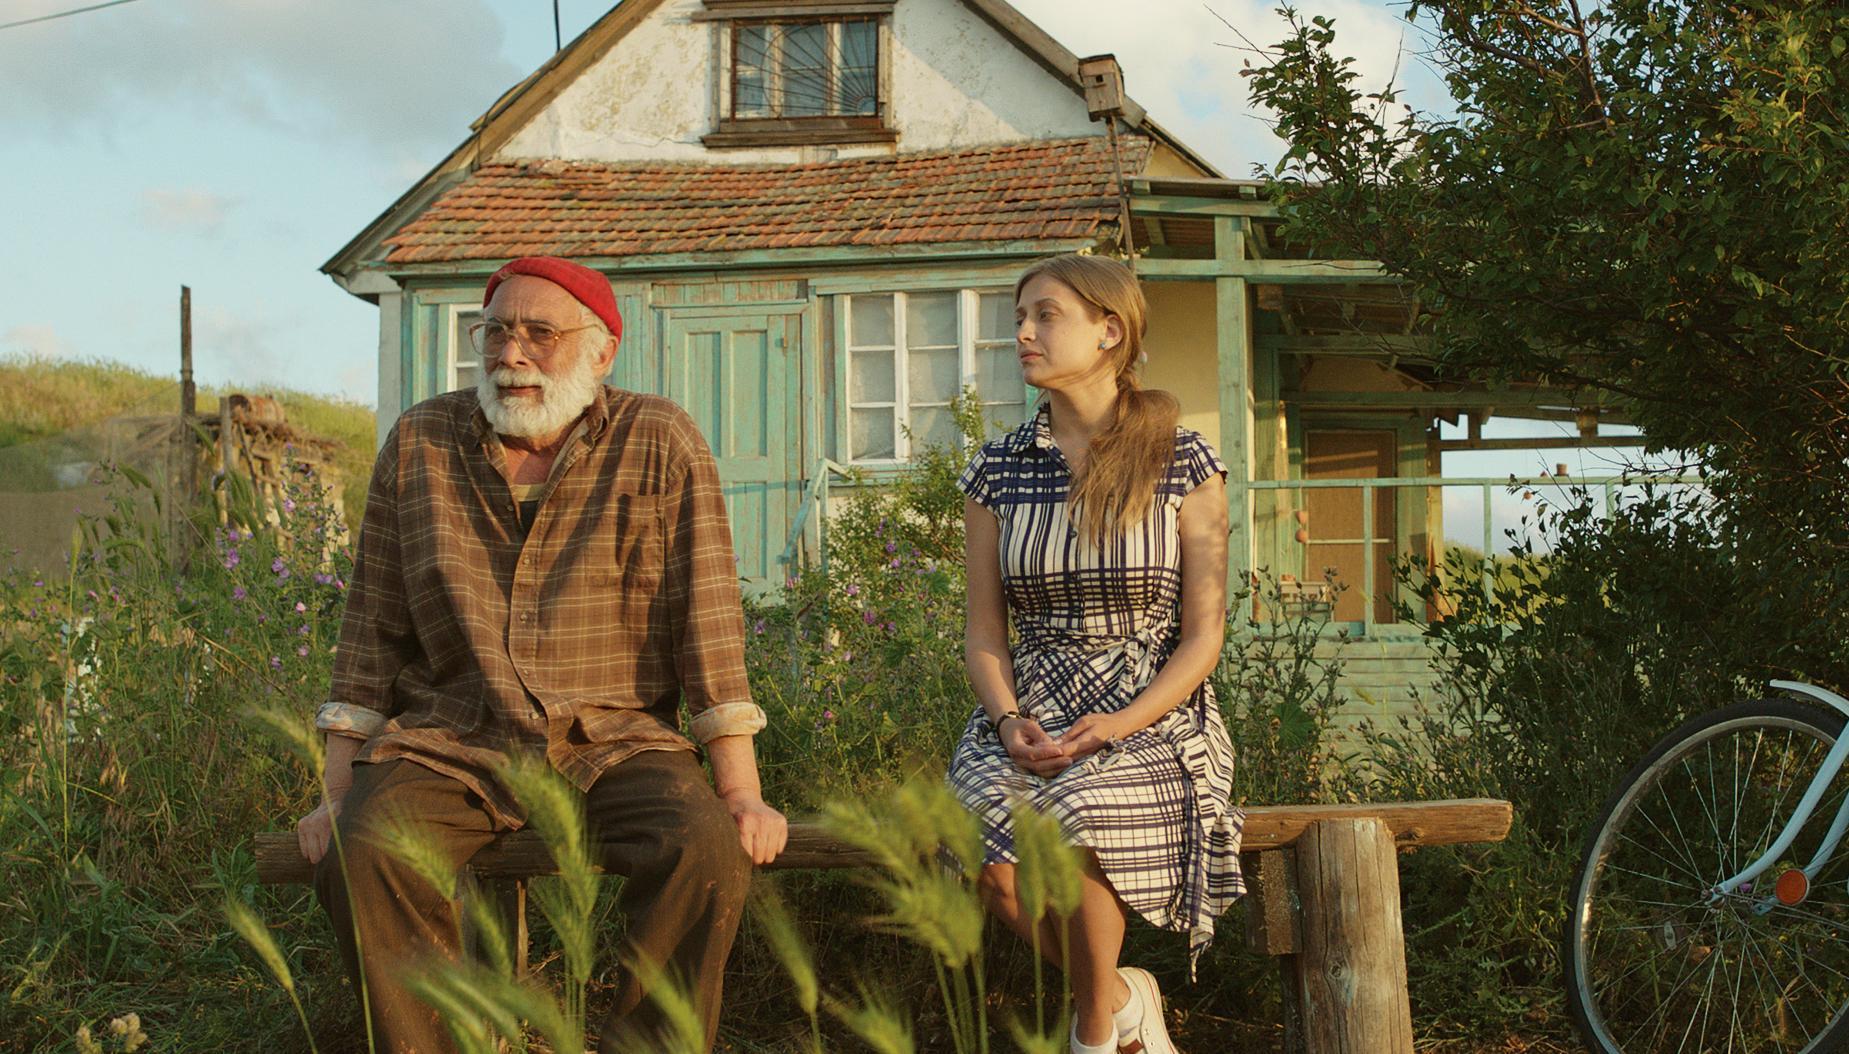 Фильм с участием тверского актера представят на международном кинофестивале